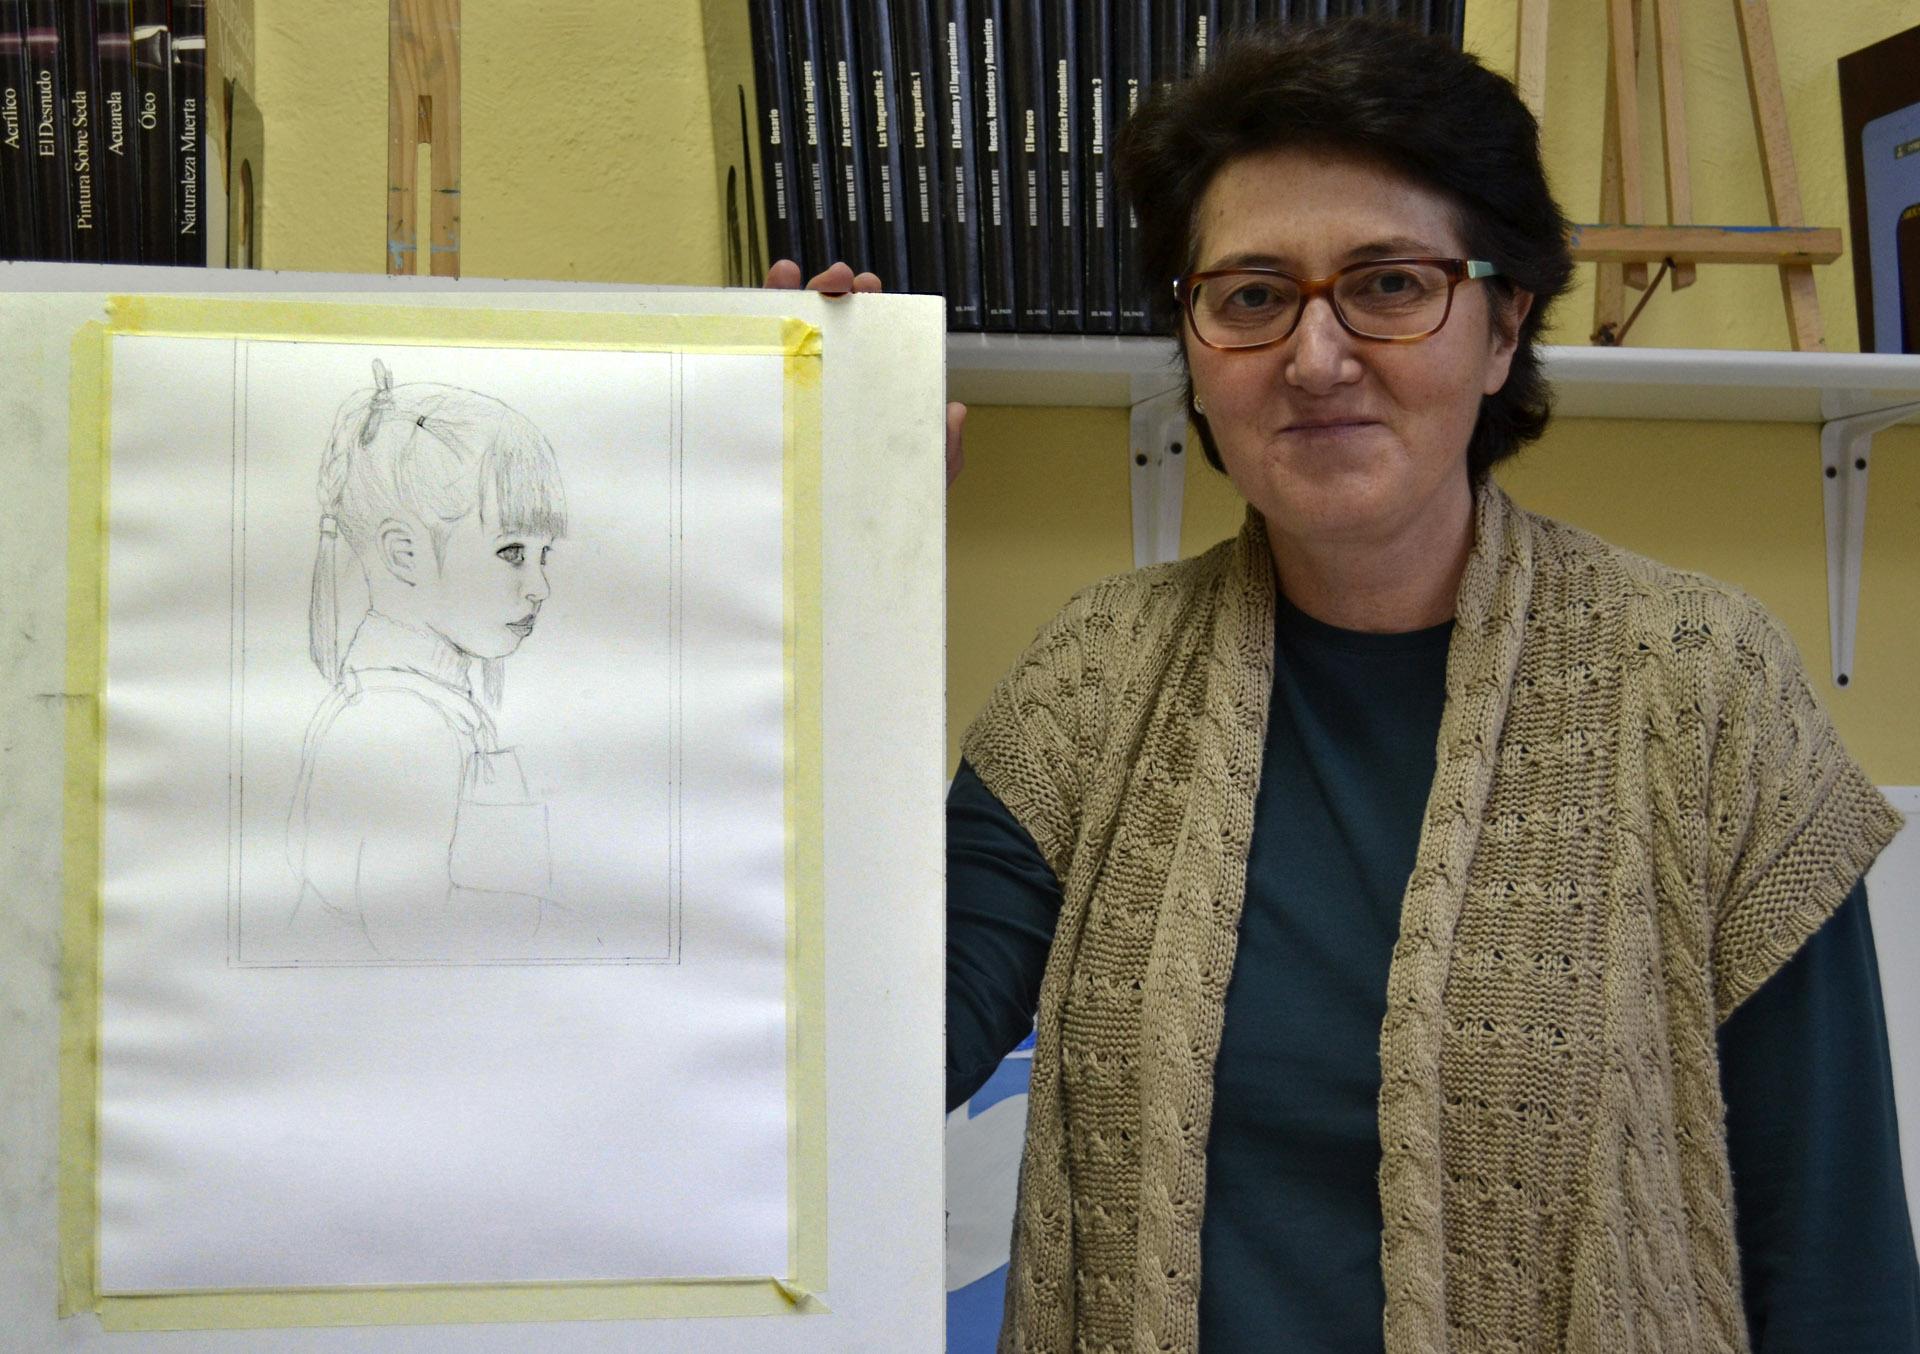 Mamen, grafito. Taller Aceña-Olmedo, curso 2017-2018